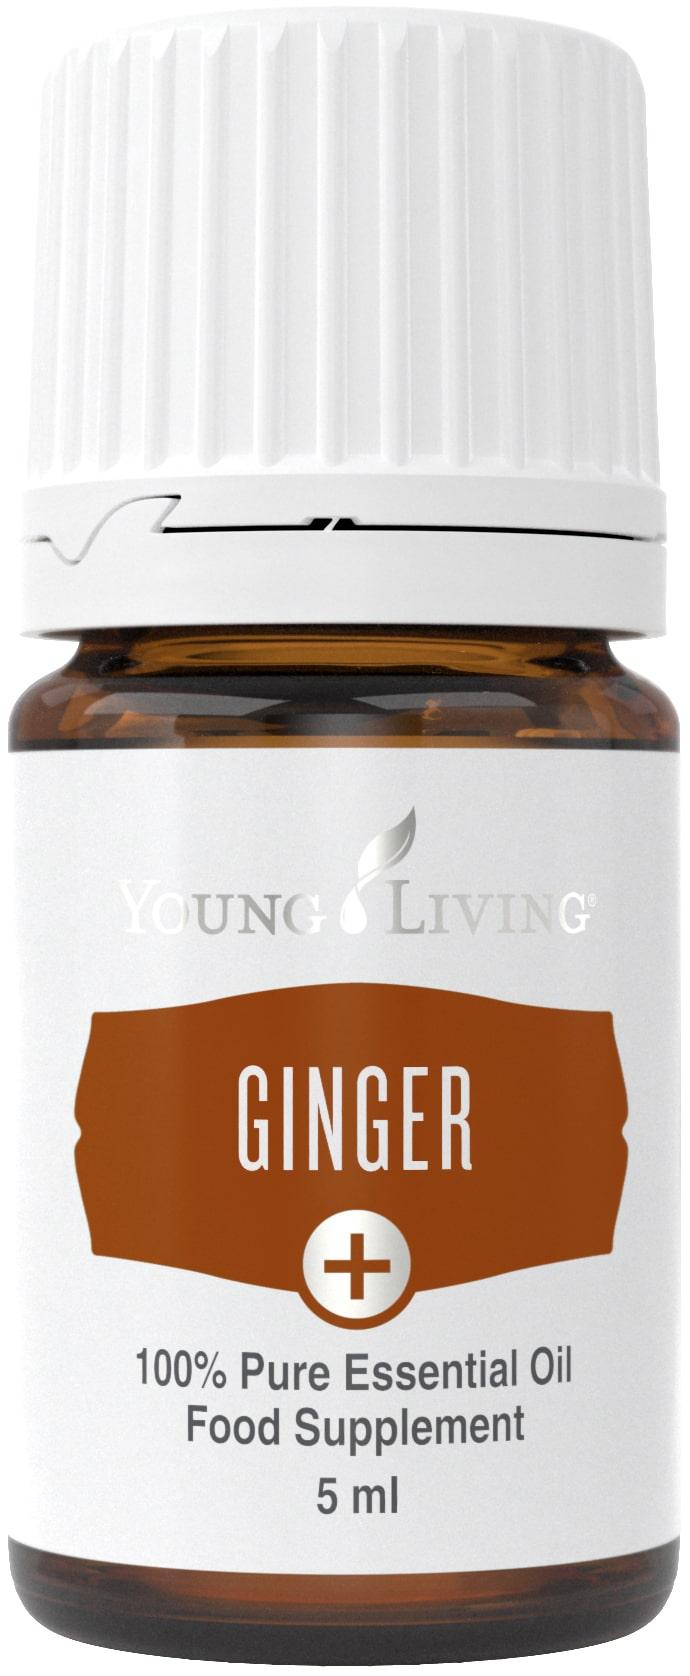 Ginger Plus Öl (Ingwer) 5ml